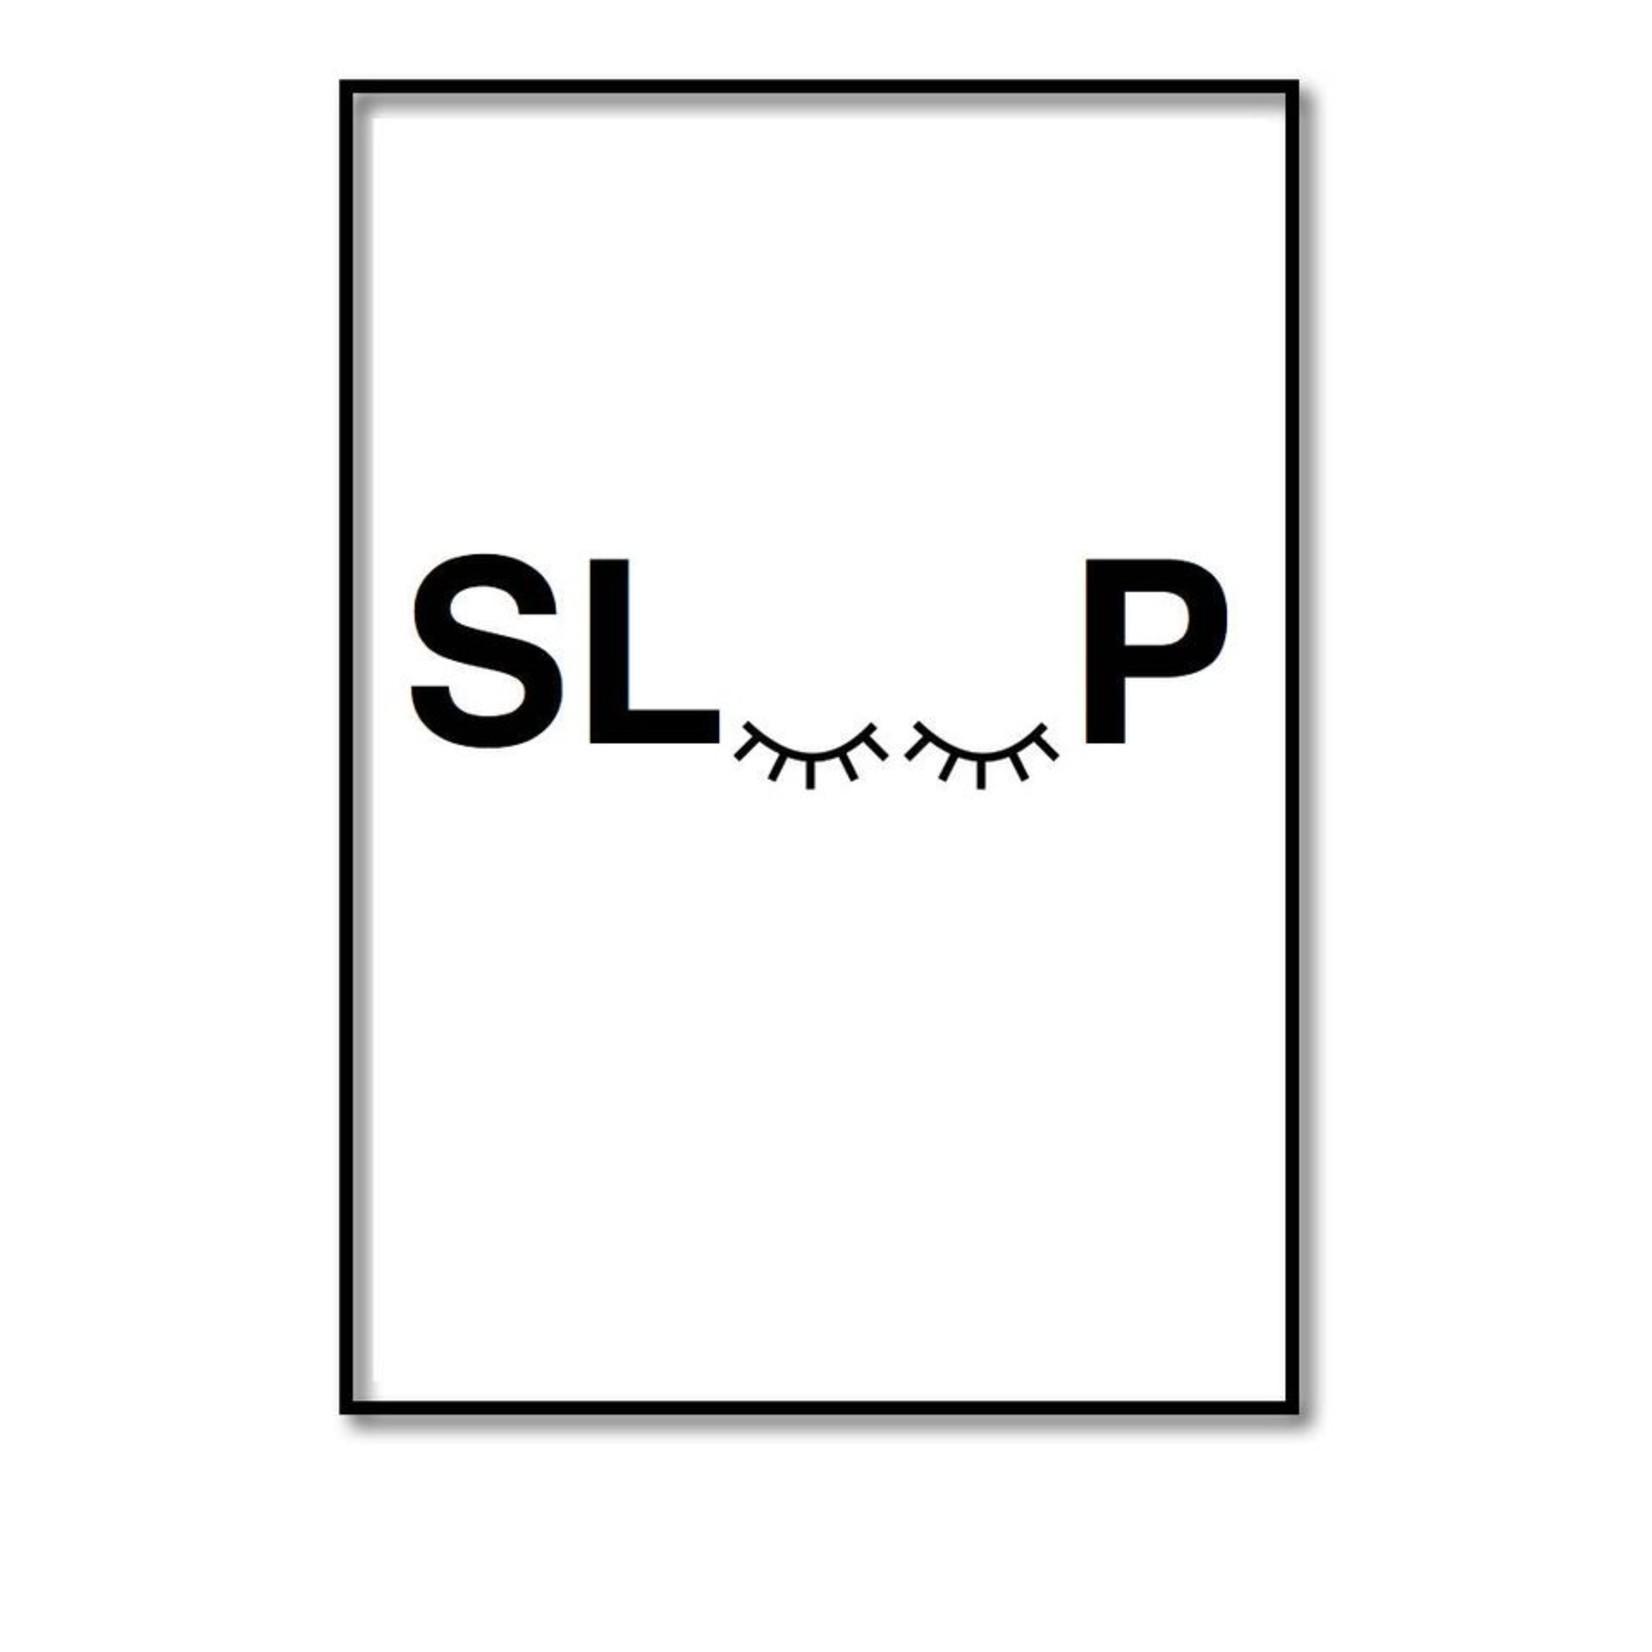 Pixelposter - Sleep (A4)